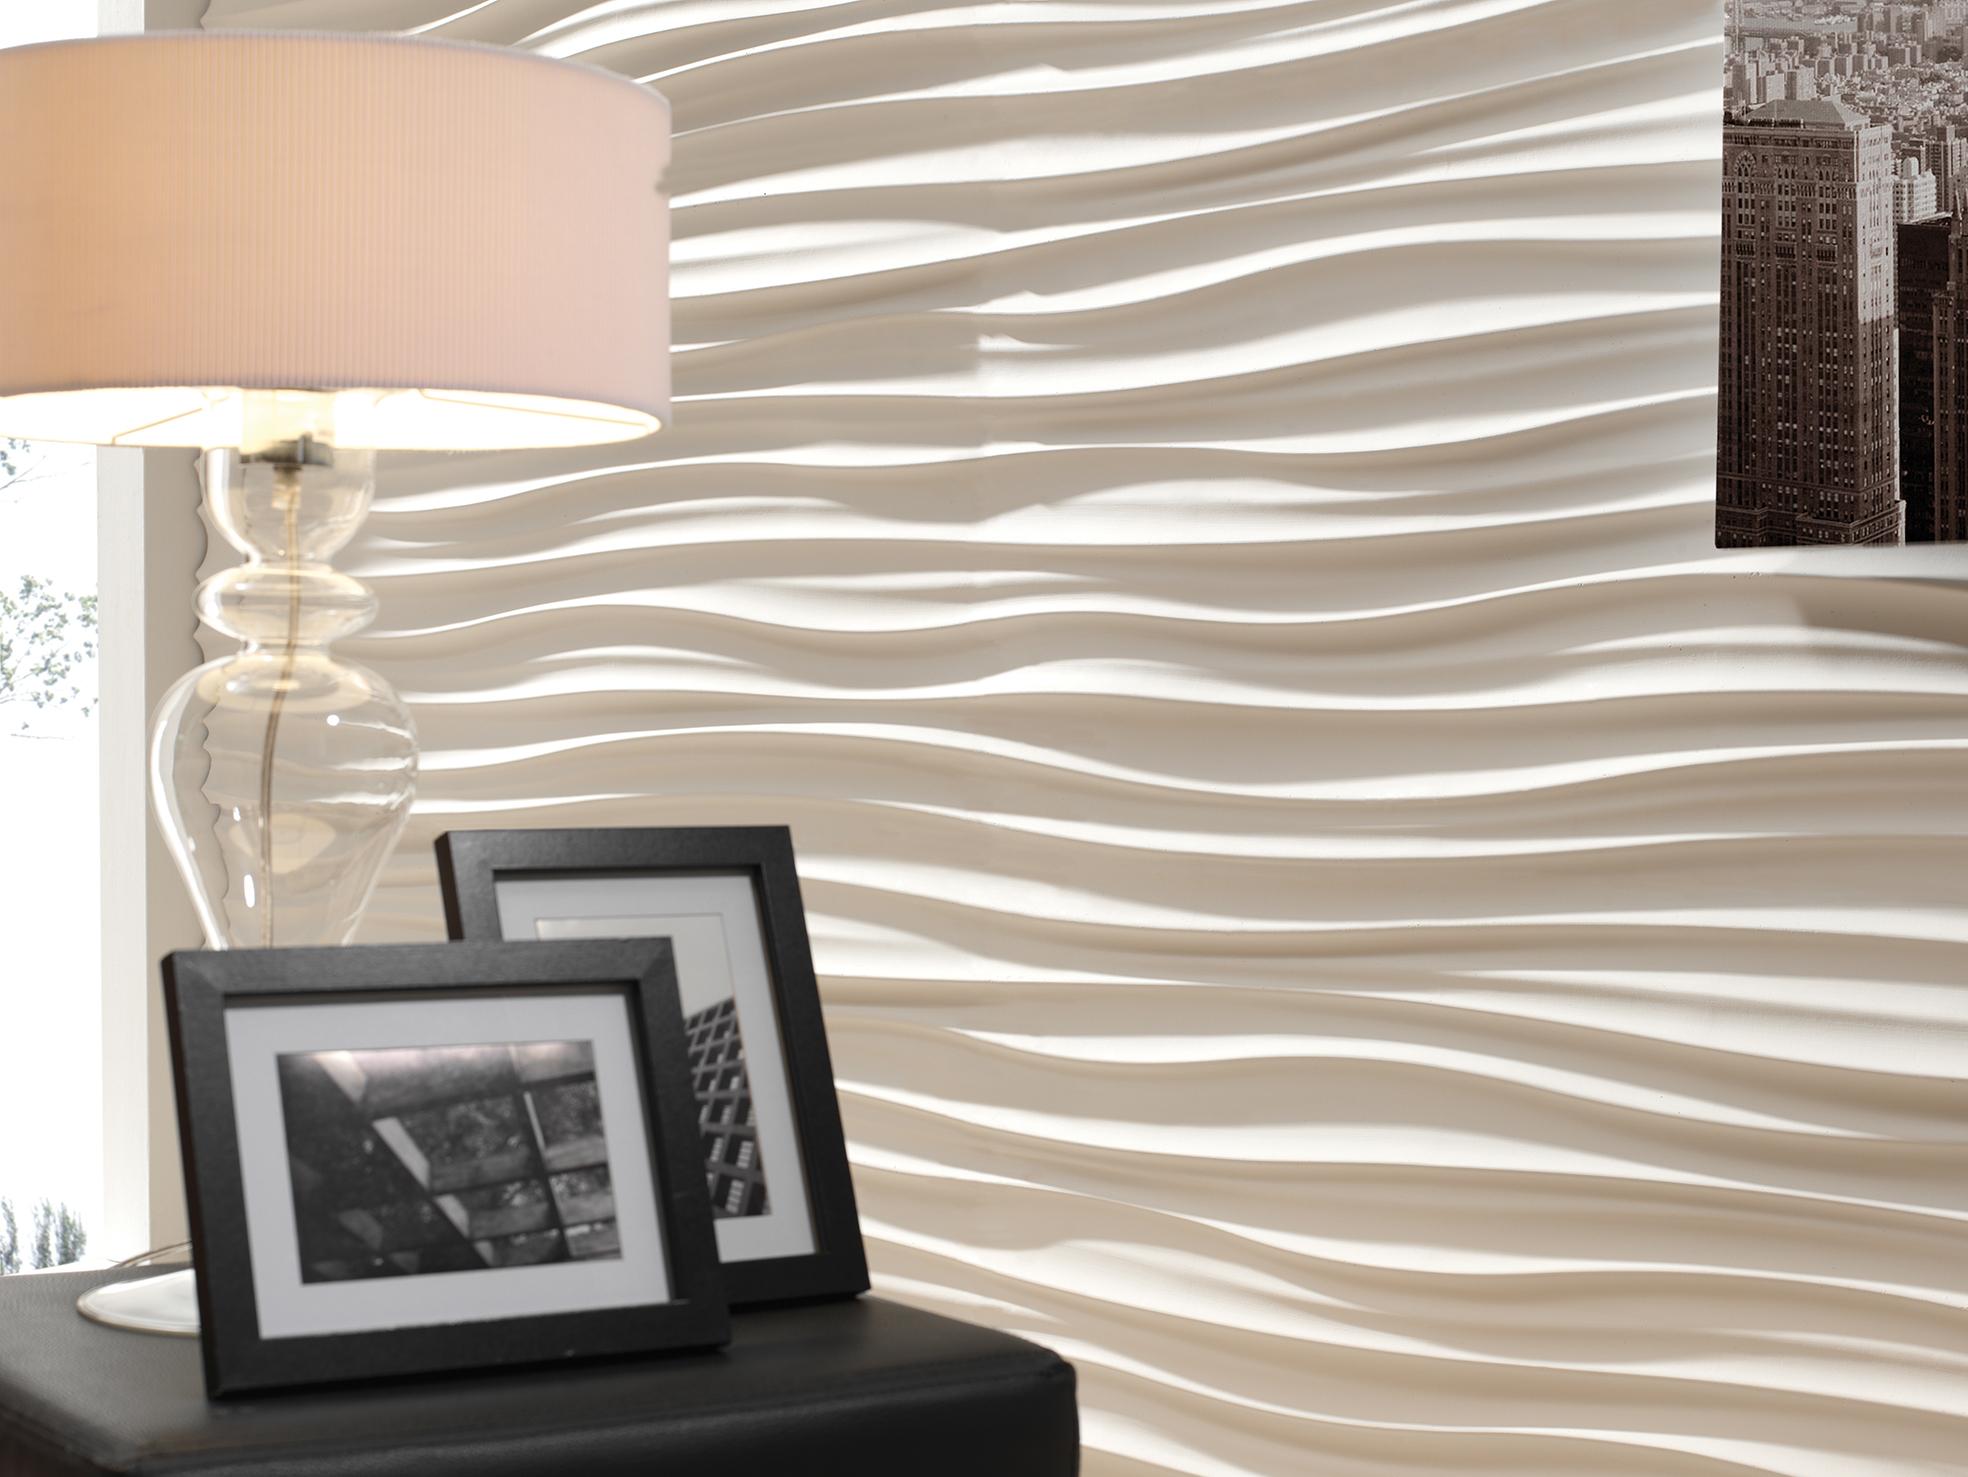 Wandpaneel Glas ist tolle ideen für ihr haus design ideen